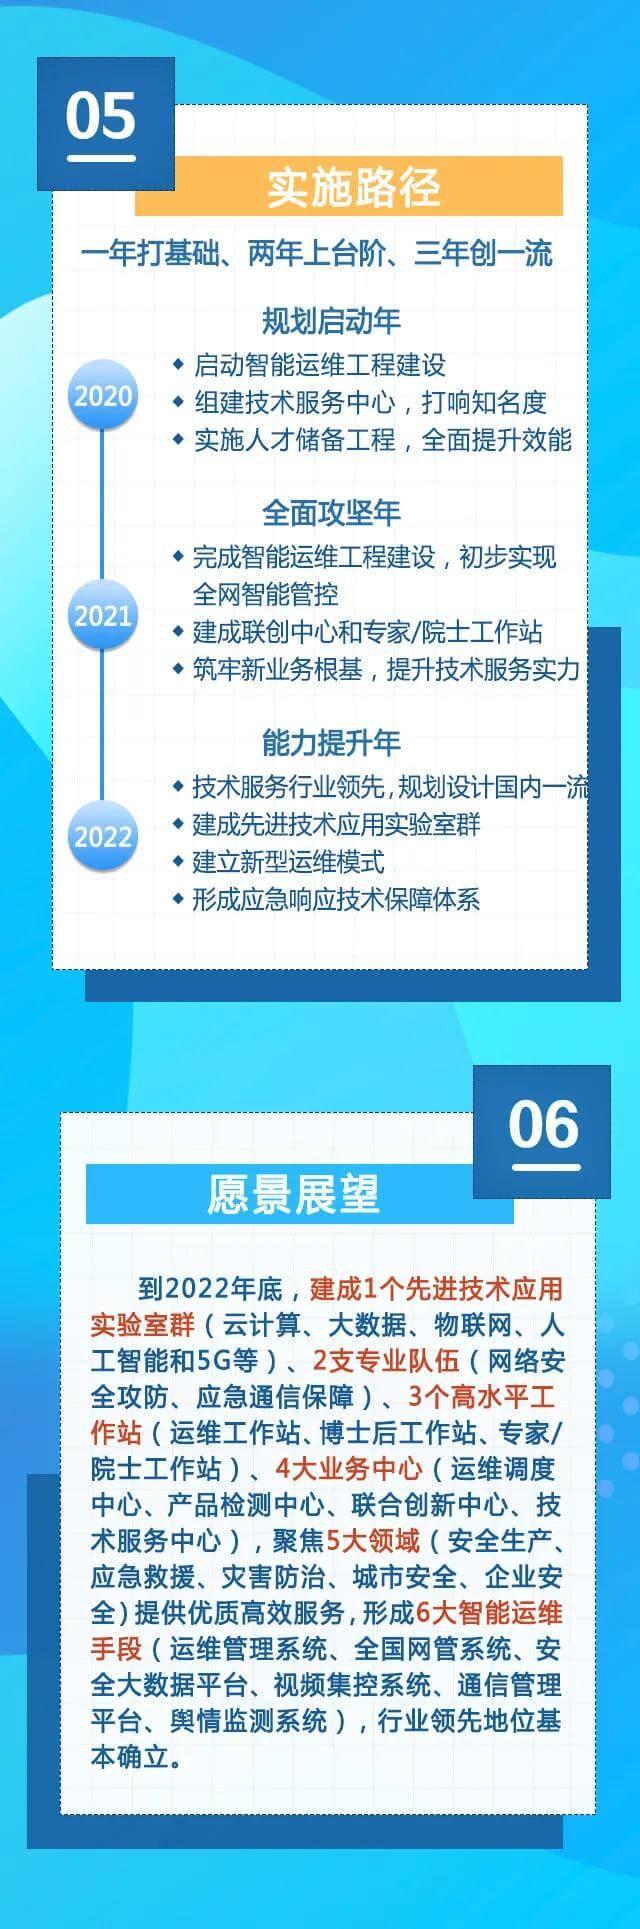 应急管理部通信信息中心发展规划框架2020-2022一图全读懂05实施路径06愿景展望.jpg